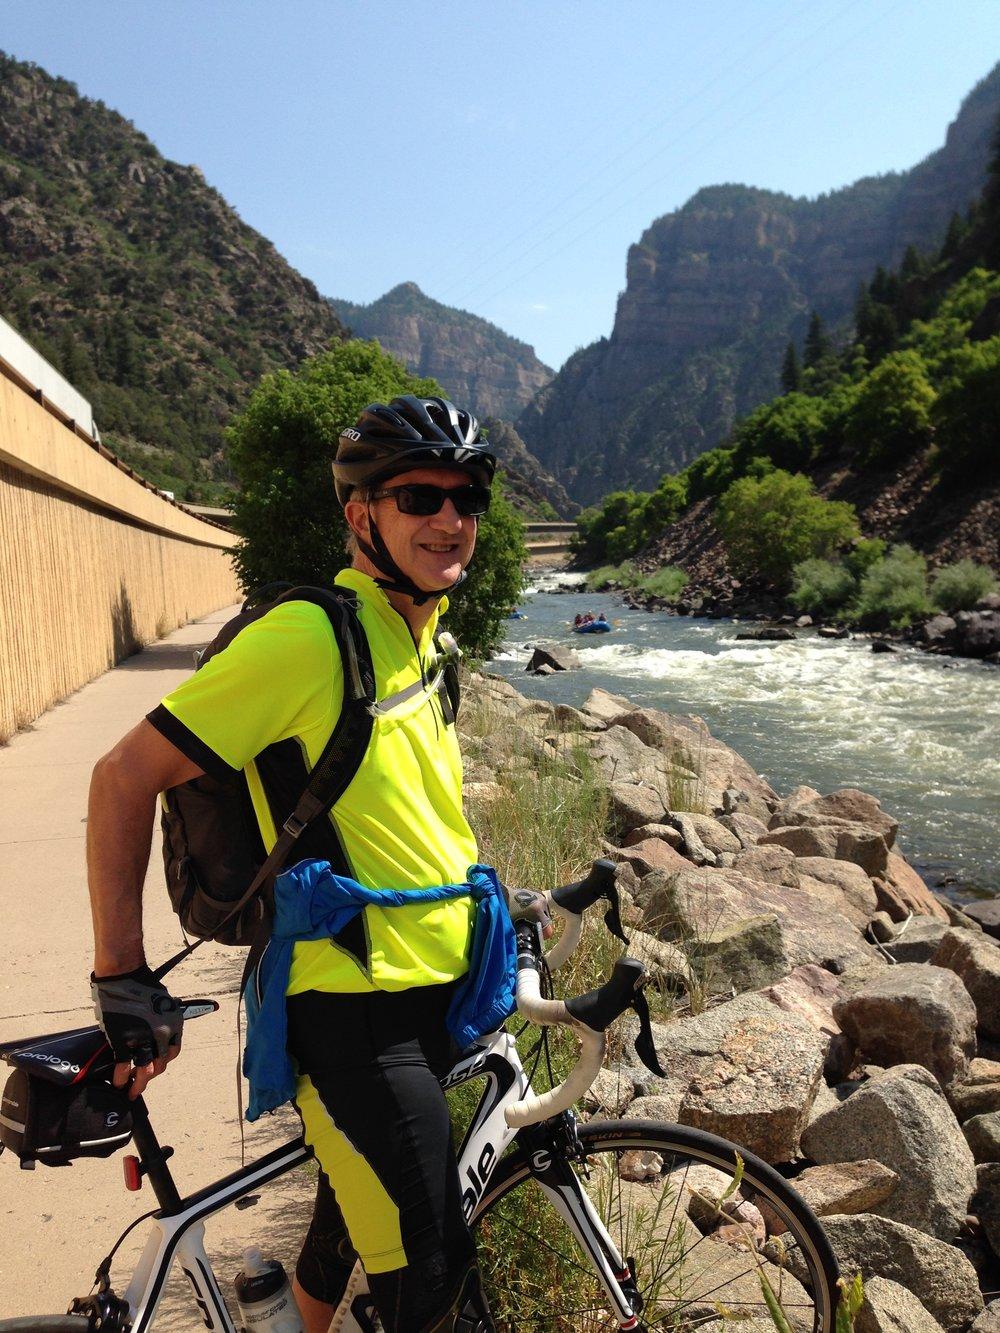 Glenwood Canyon, Colorado